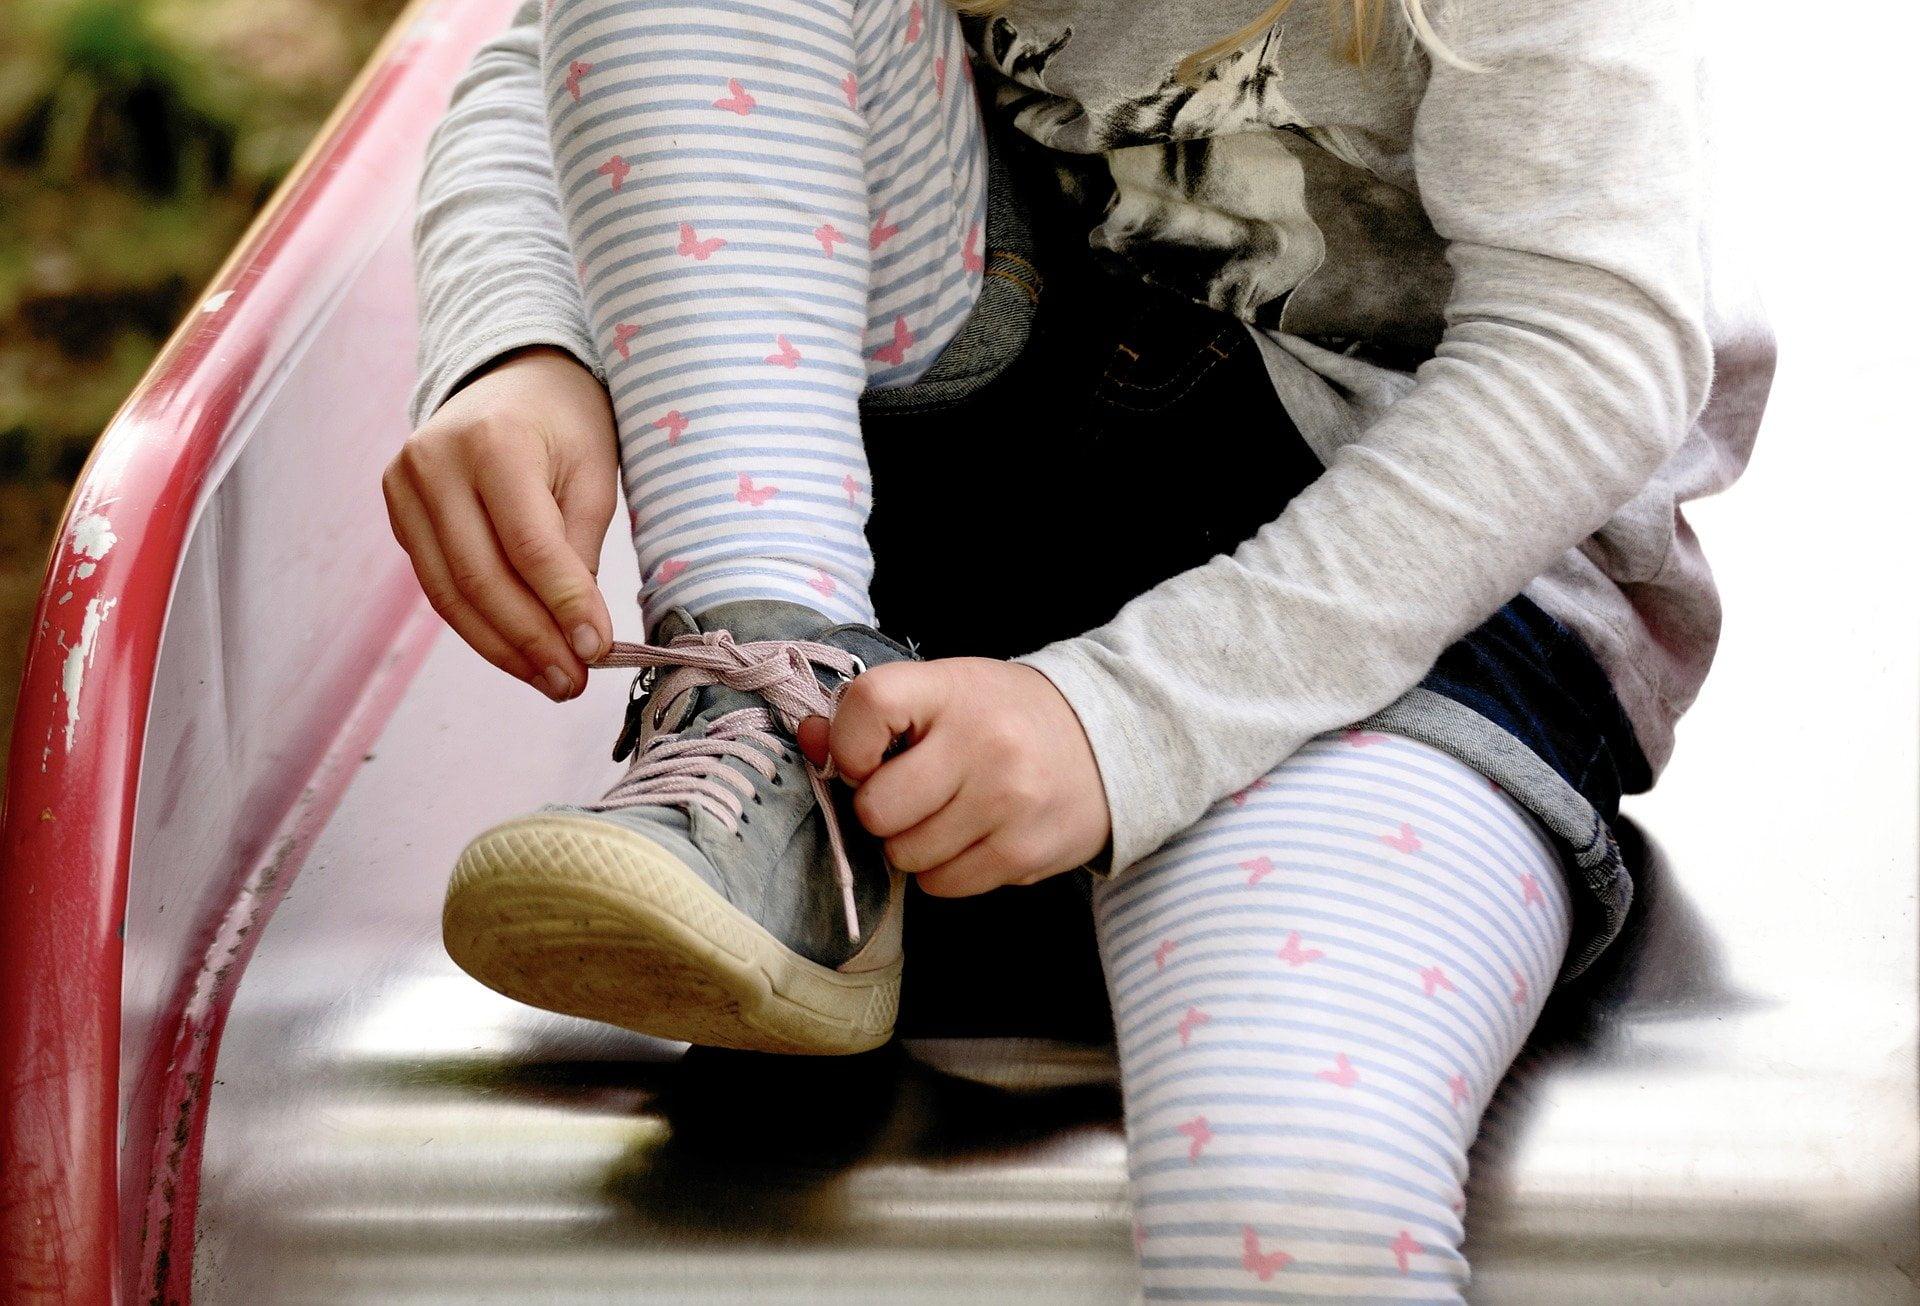 Na co zwrócić uwagę przy zakupie butów dla dziecka na wiosnę?